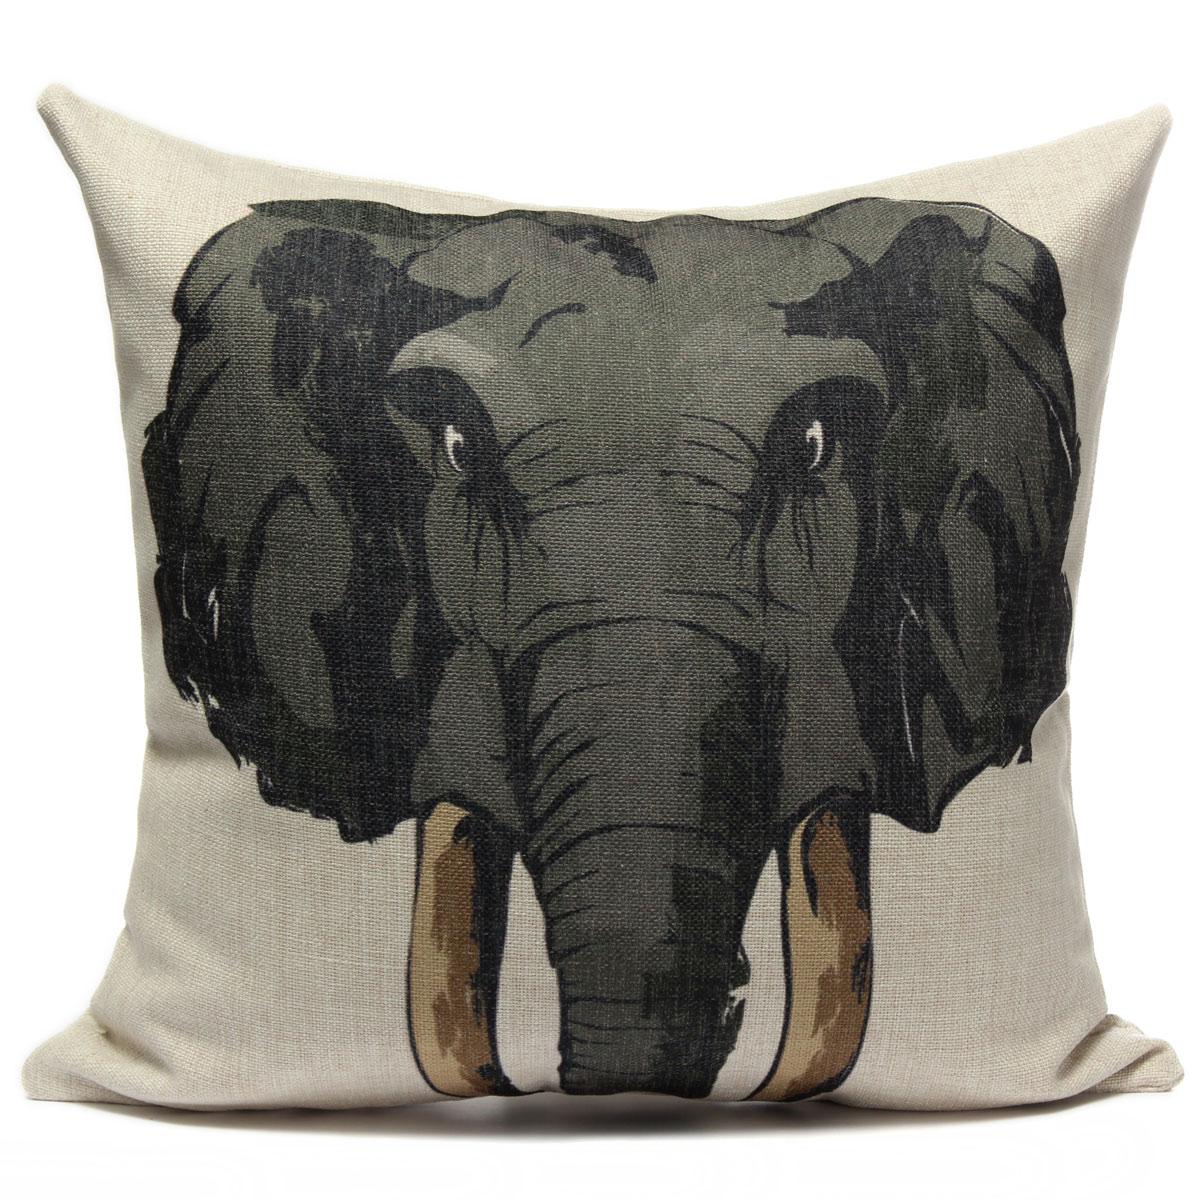 Animal World Home Decor Linen Pillow Case Bed Sofa Car Back Throw Cushion Cover eBay